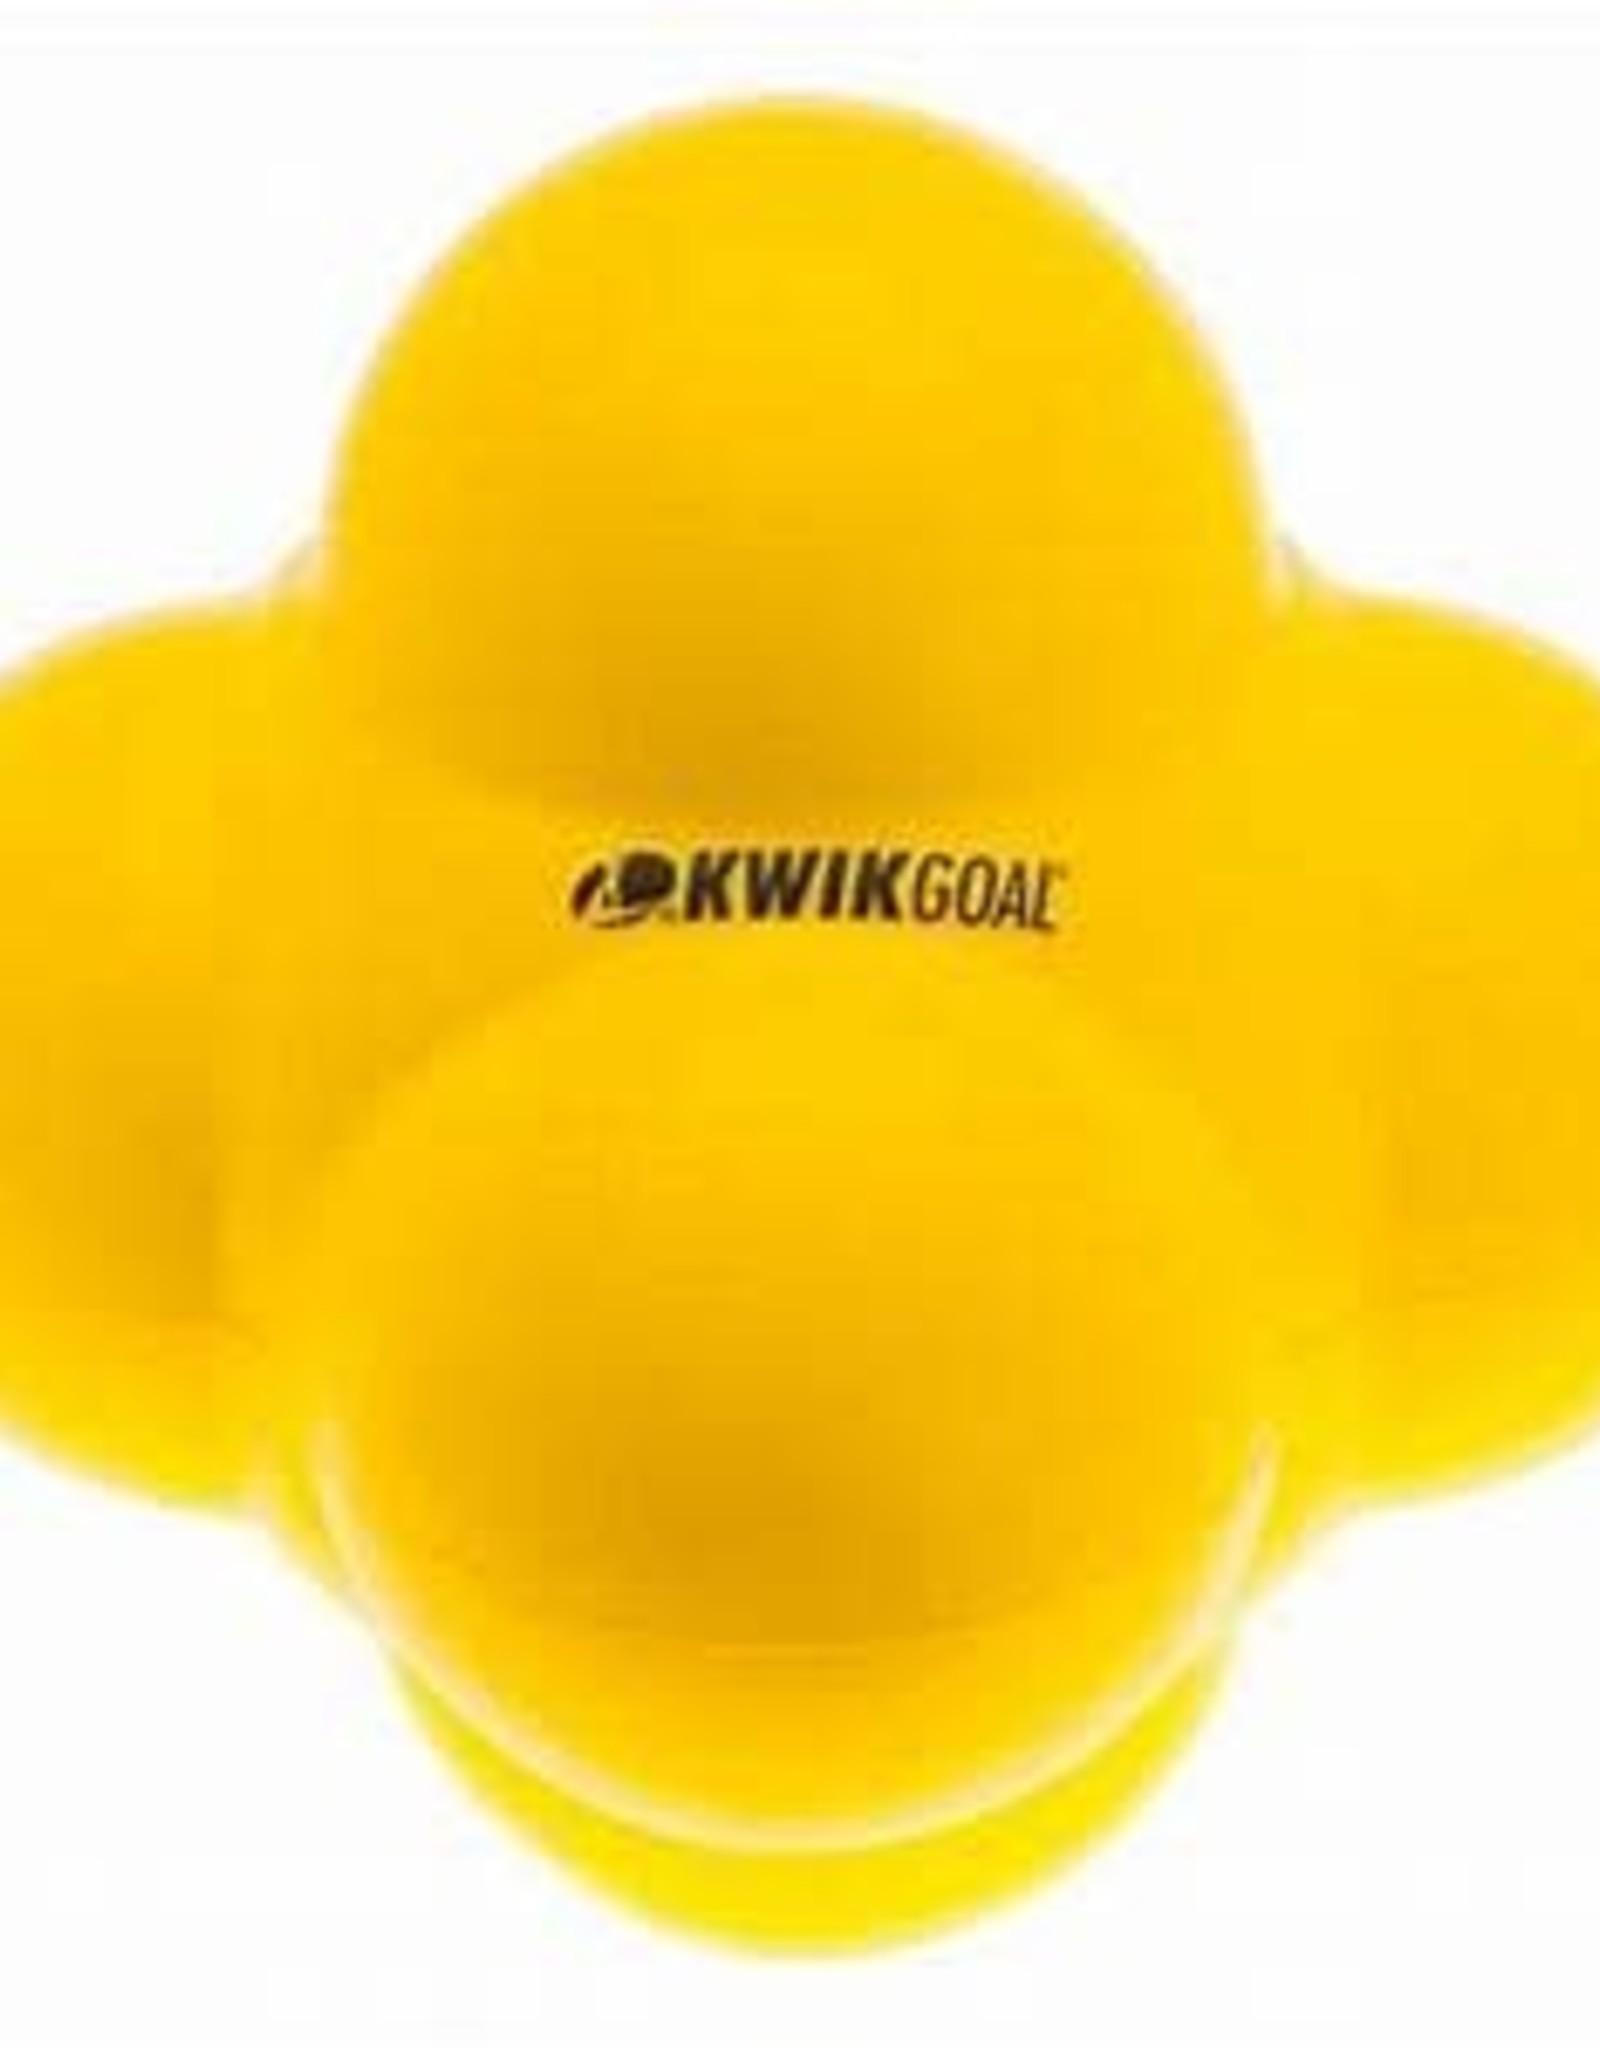 Kwik Goal KwikGoal Soccer Agility Ball